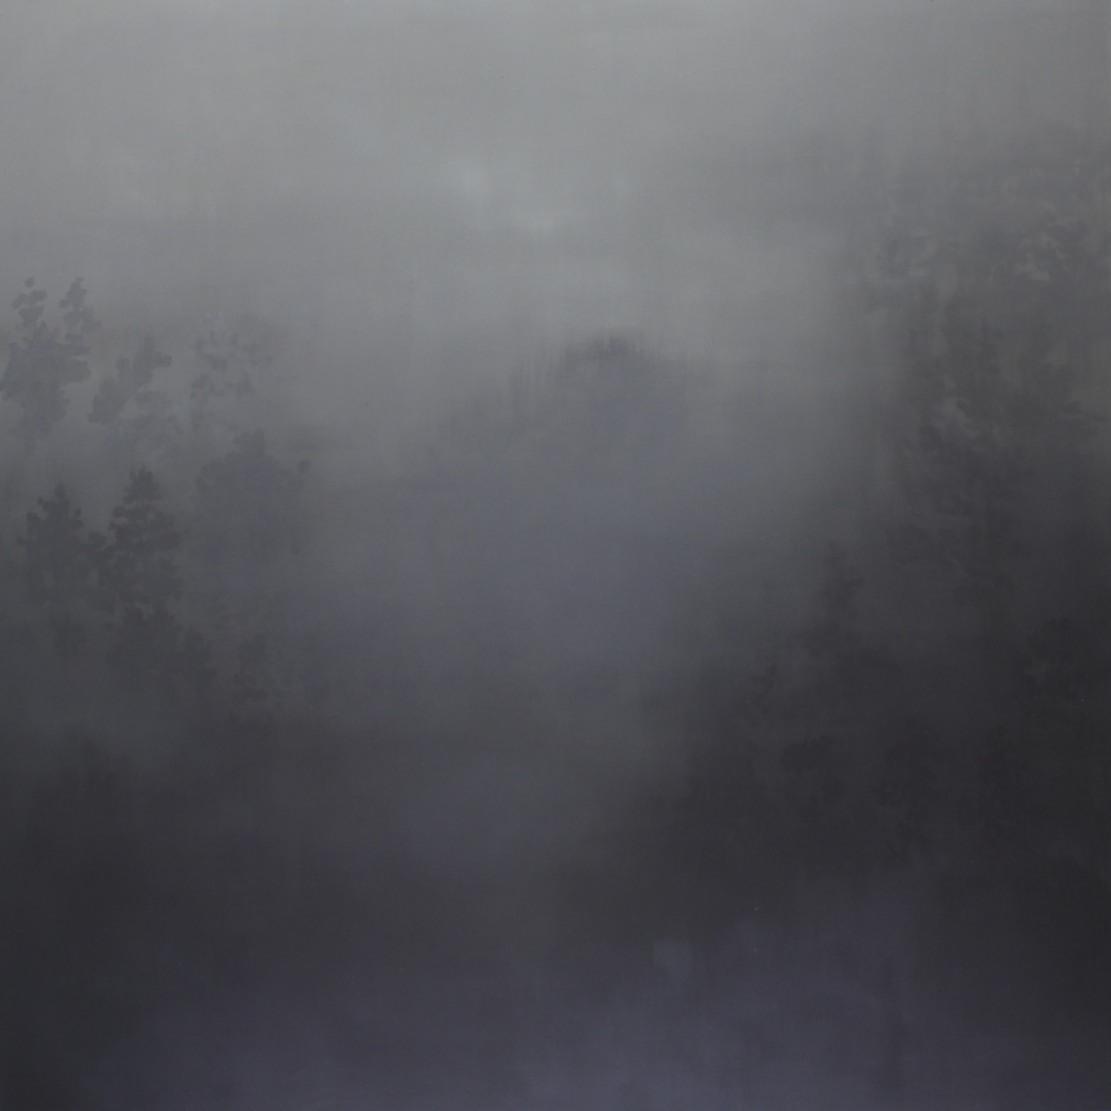 Mist 152 x 152 cm oil on linen